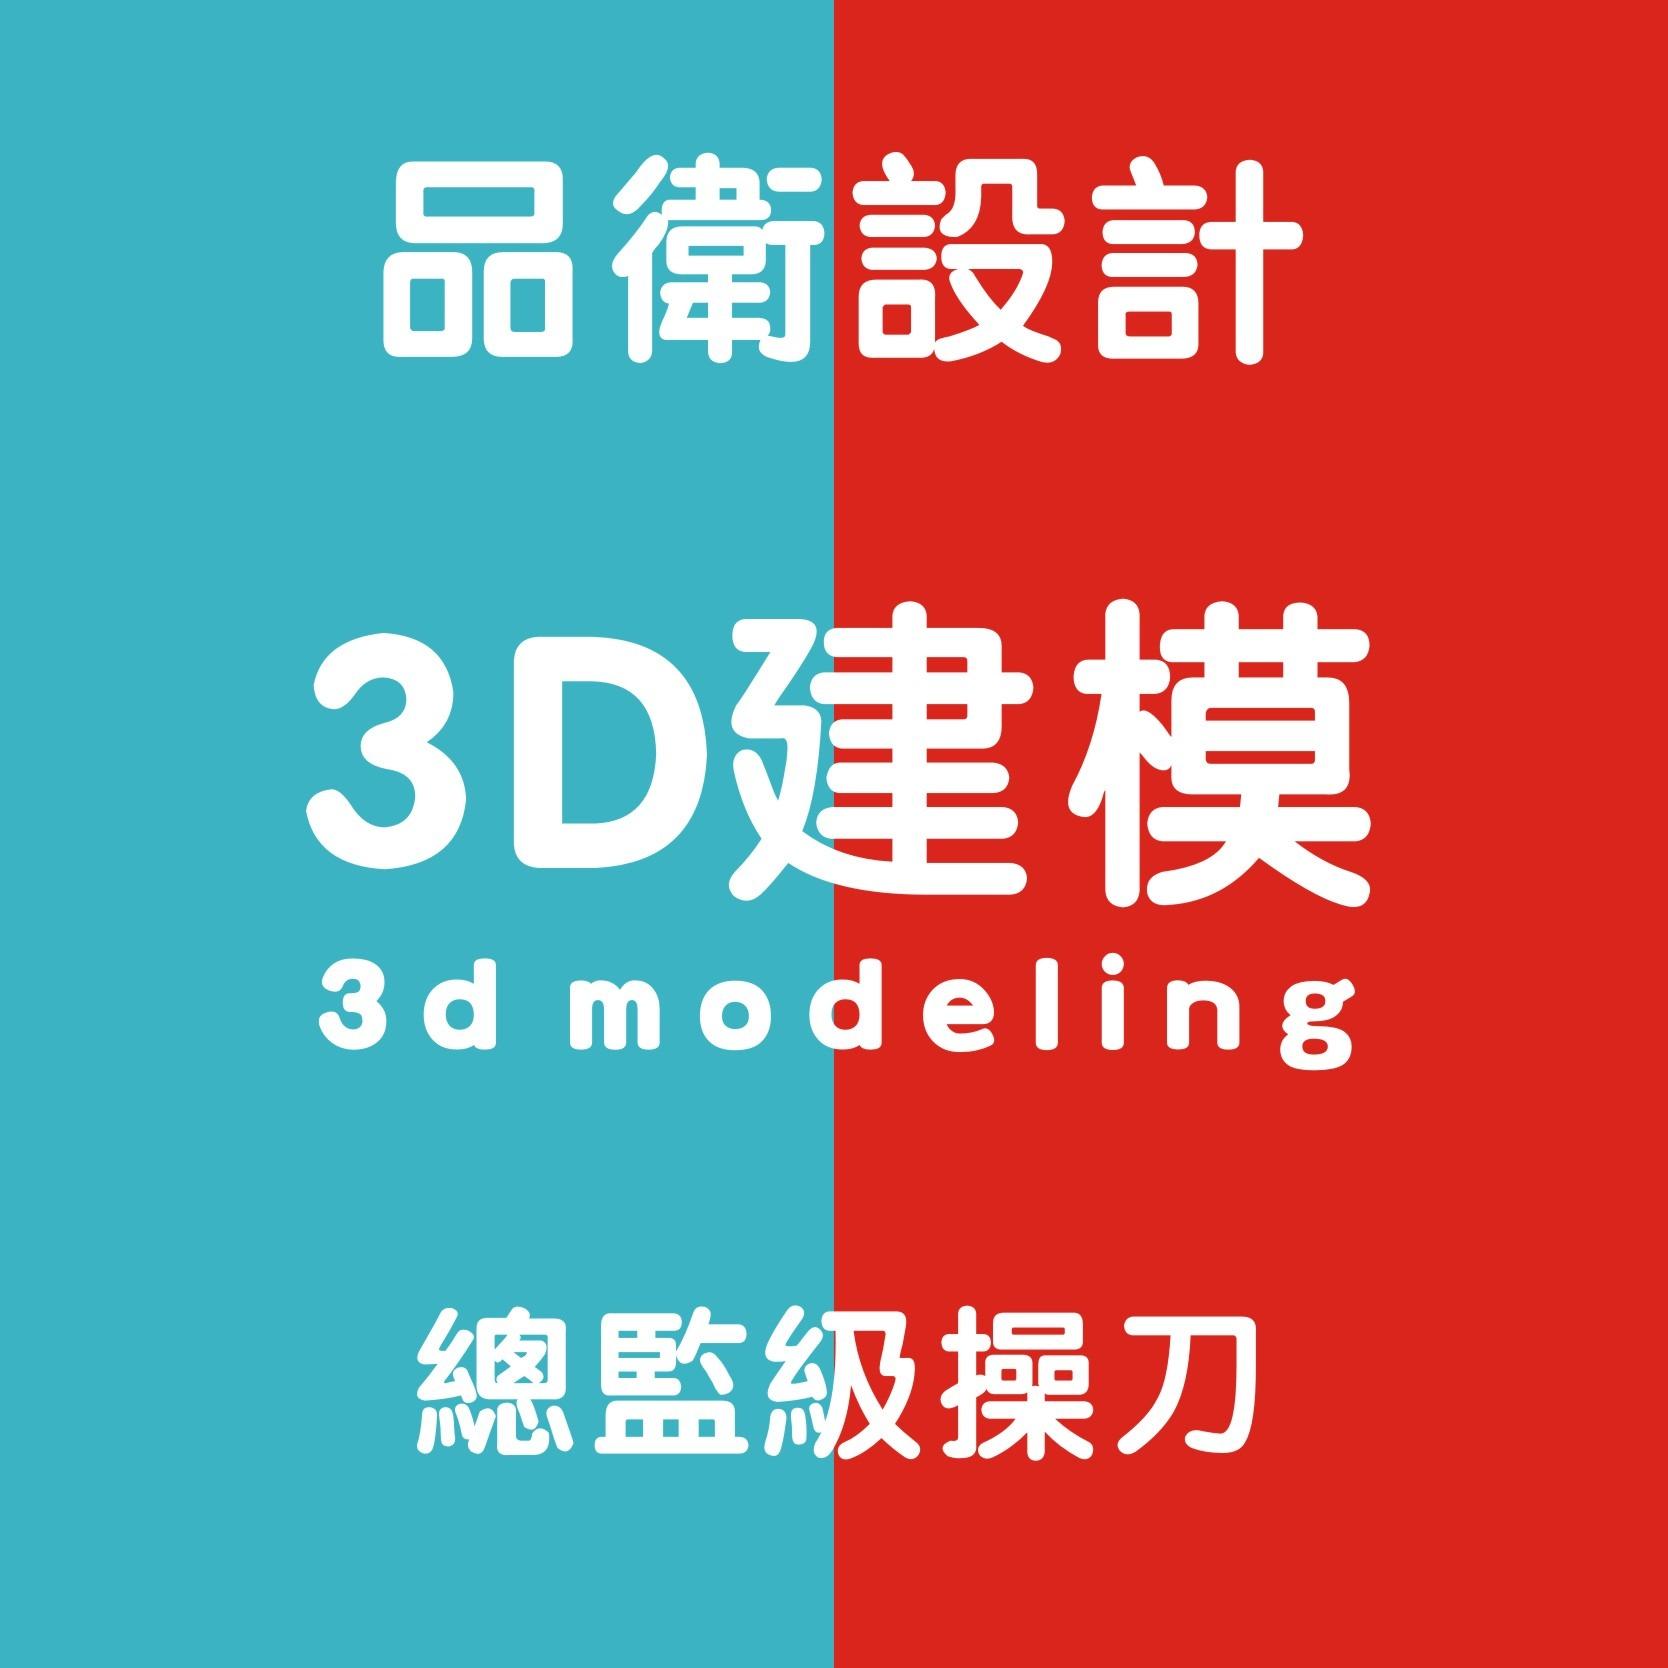 数码产品3D建模/耳机建模/建模服务/产品设计